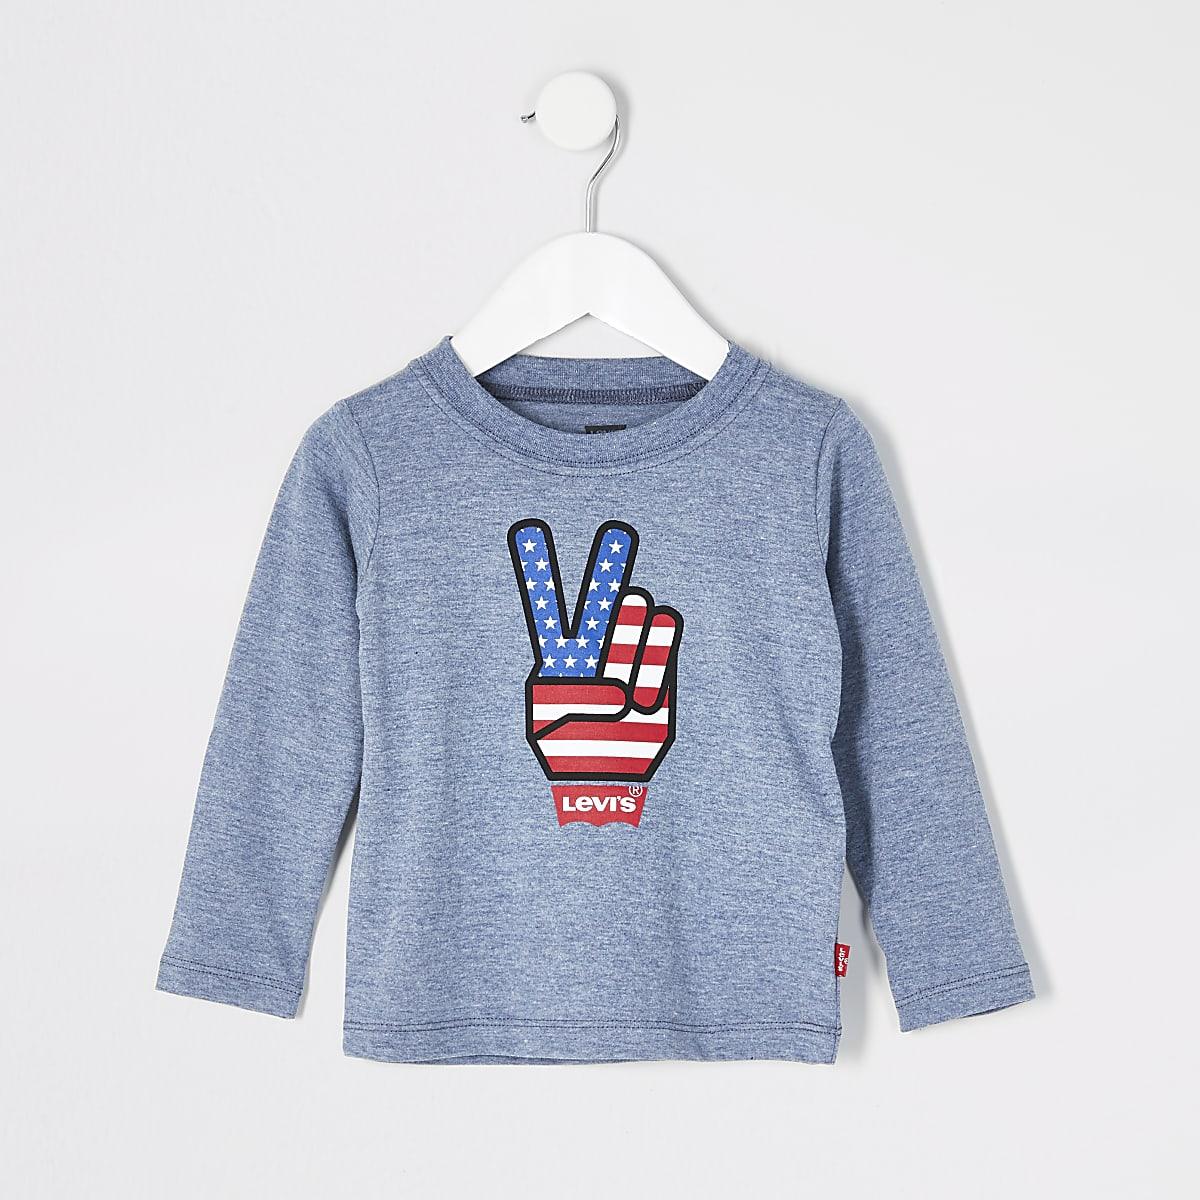 Mini boys Levi's blue long sleeve T-shirt